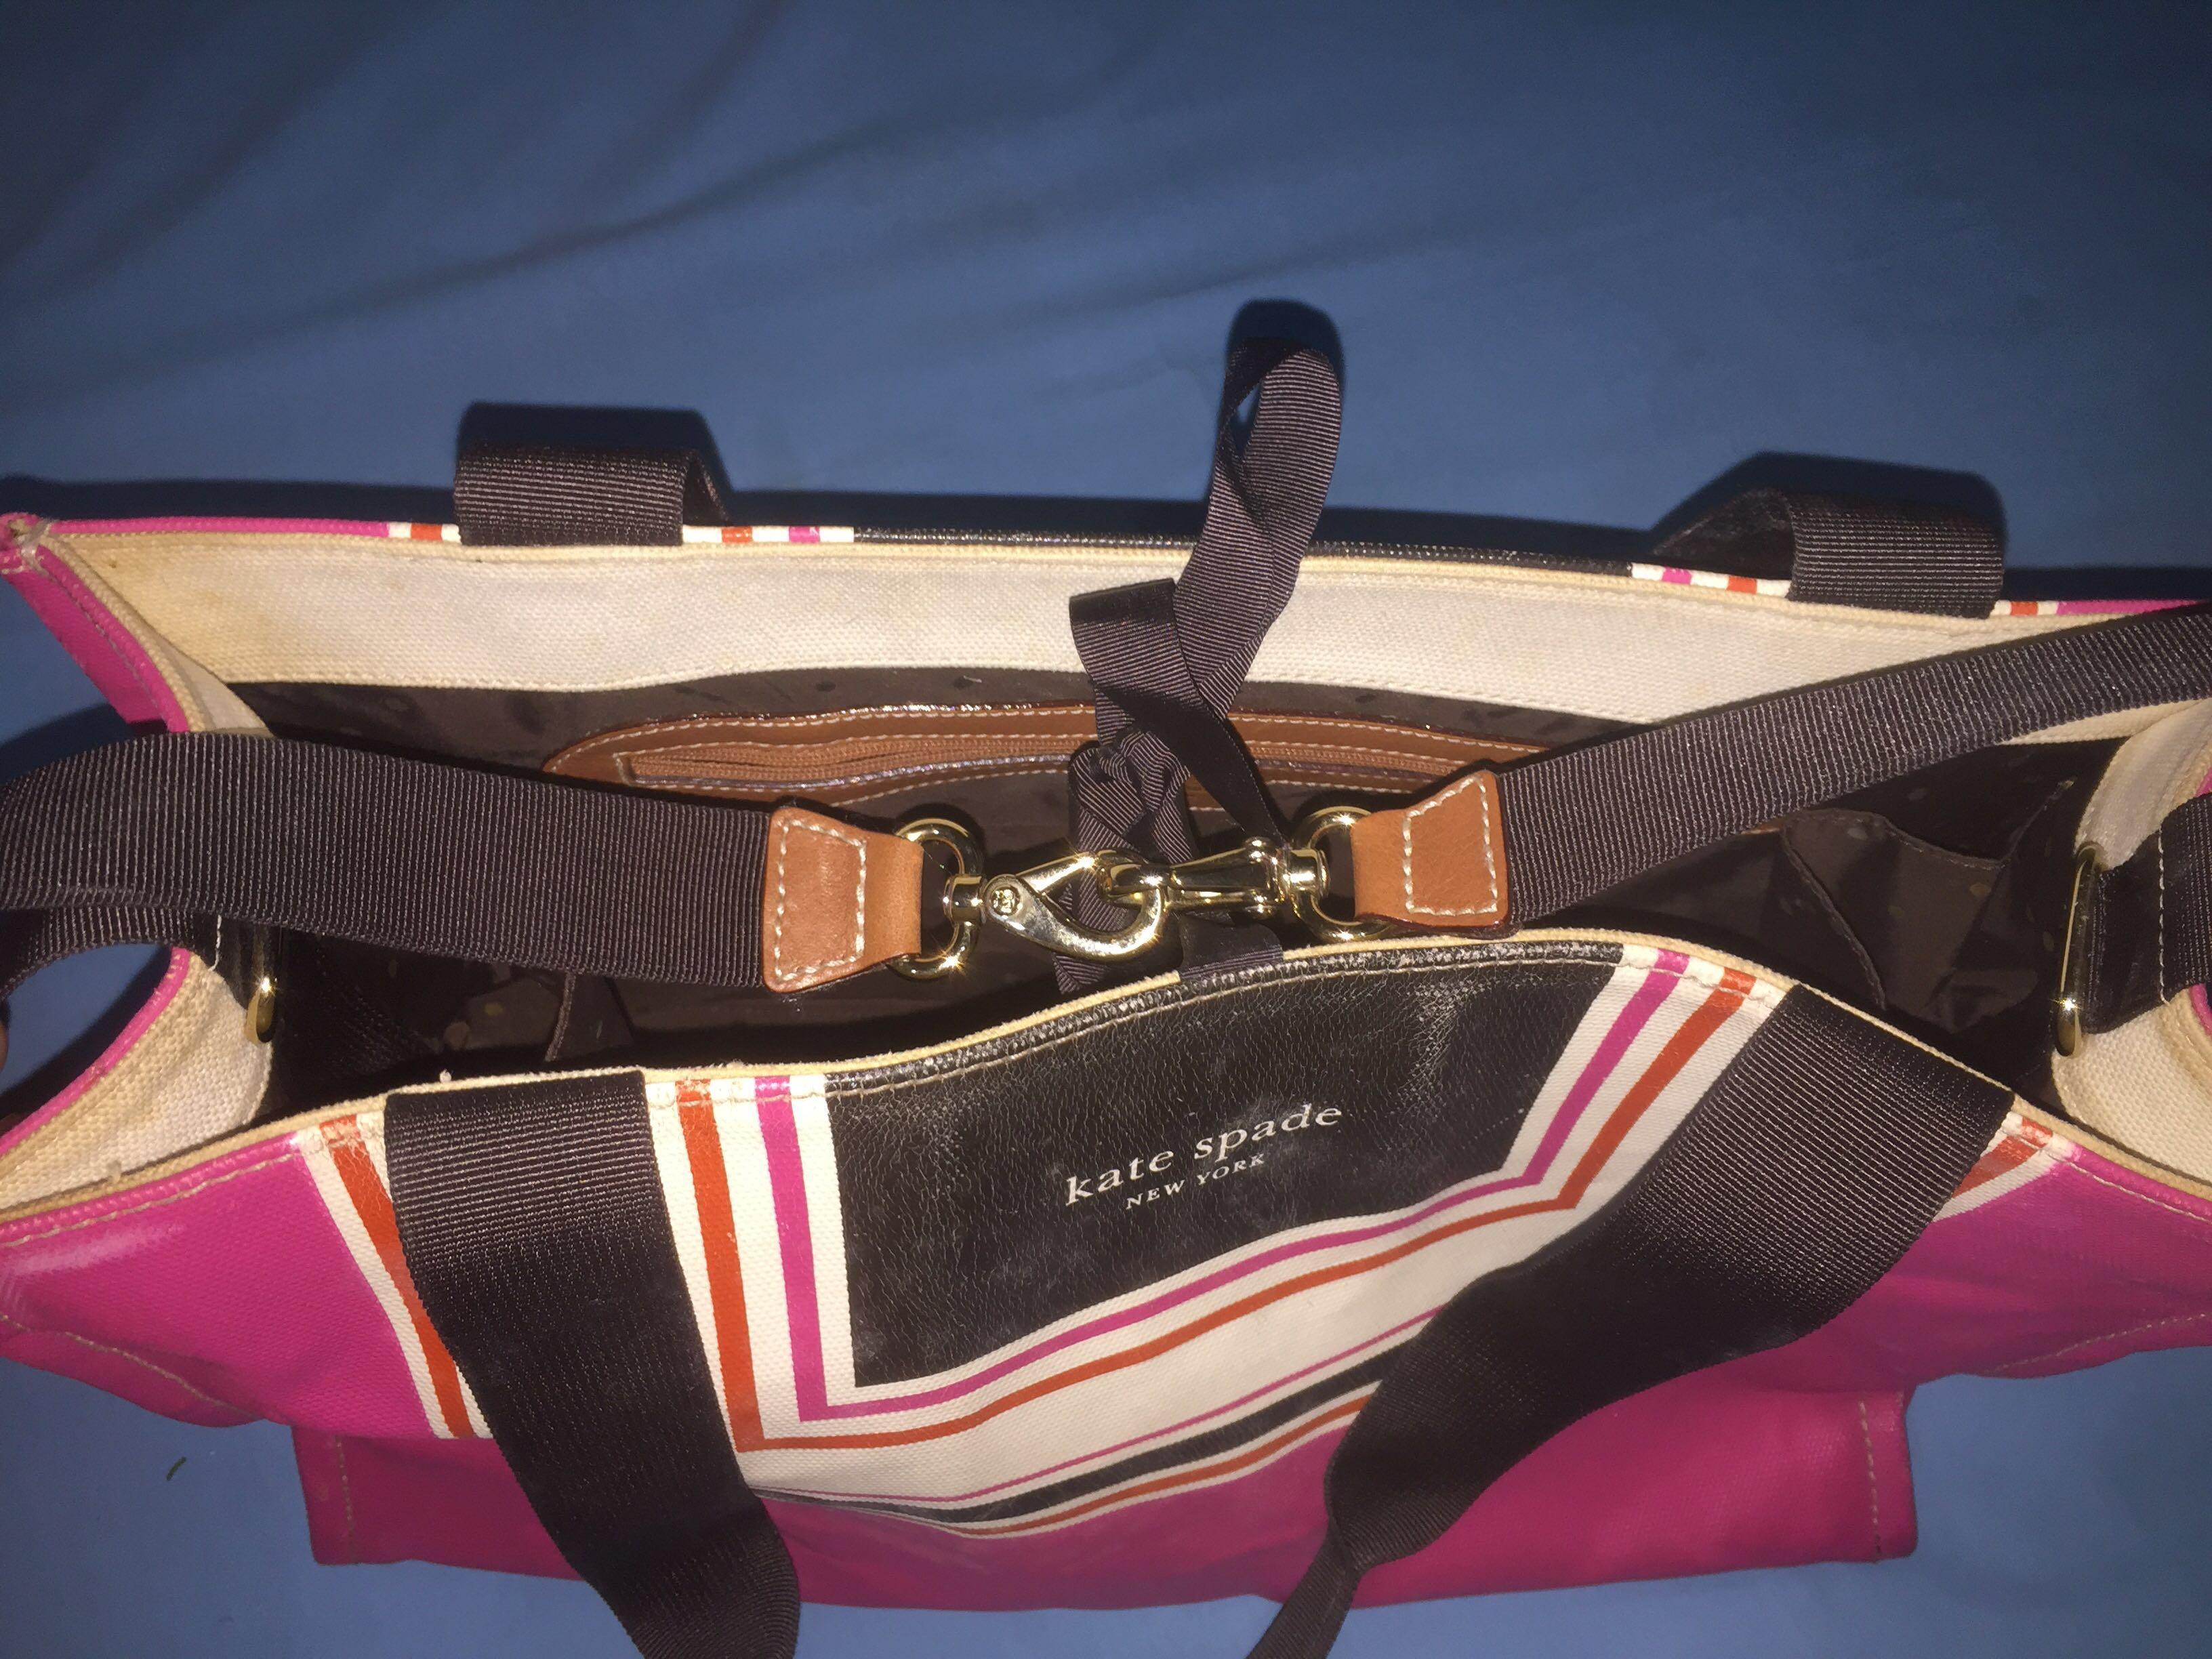 Kate Spade Tote Bag color block